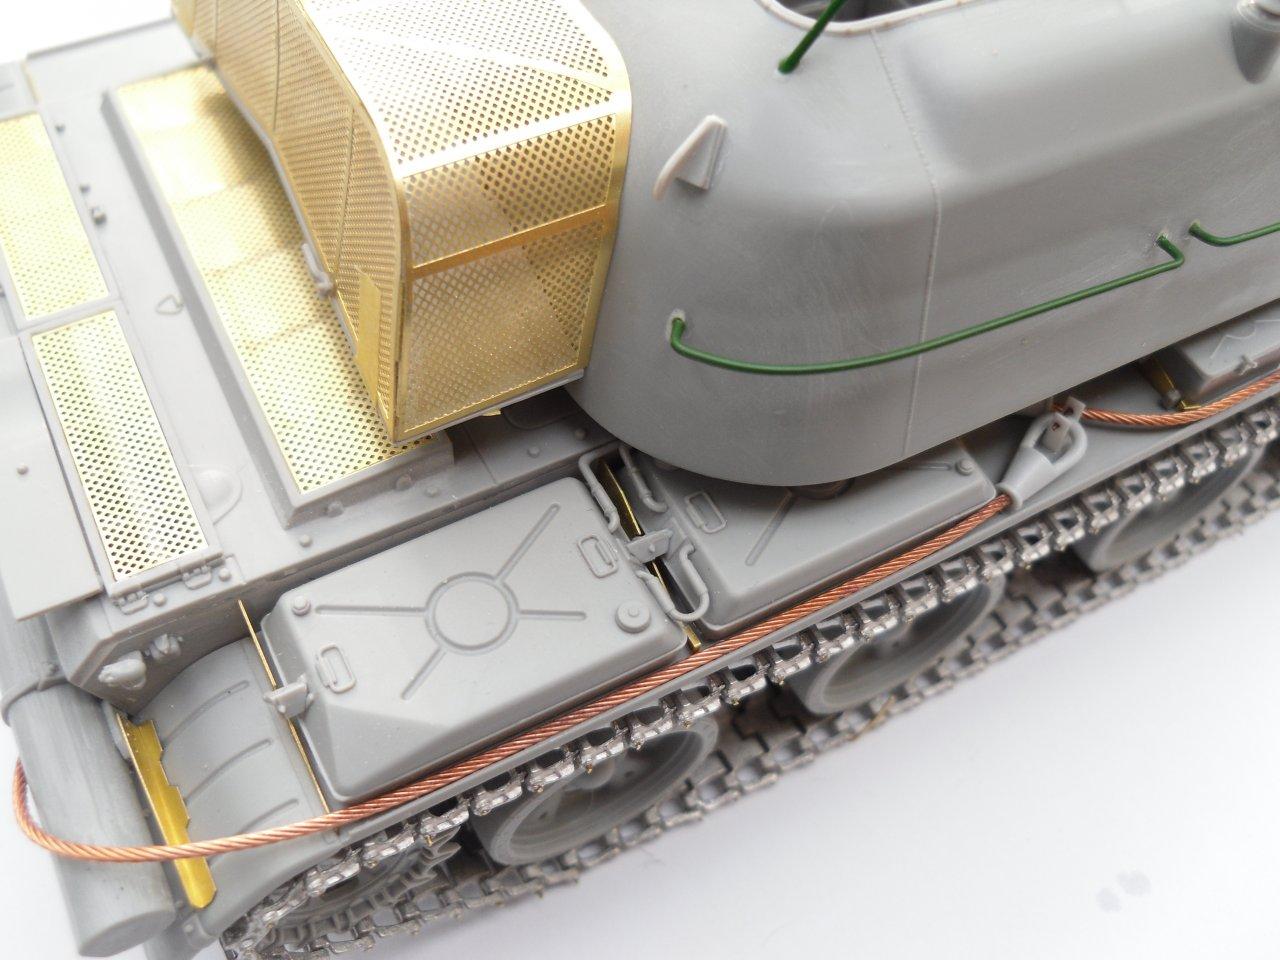 zsu-57-2 (3).JPG